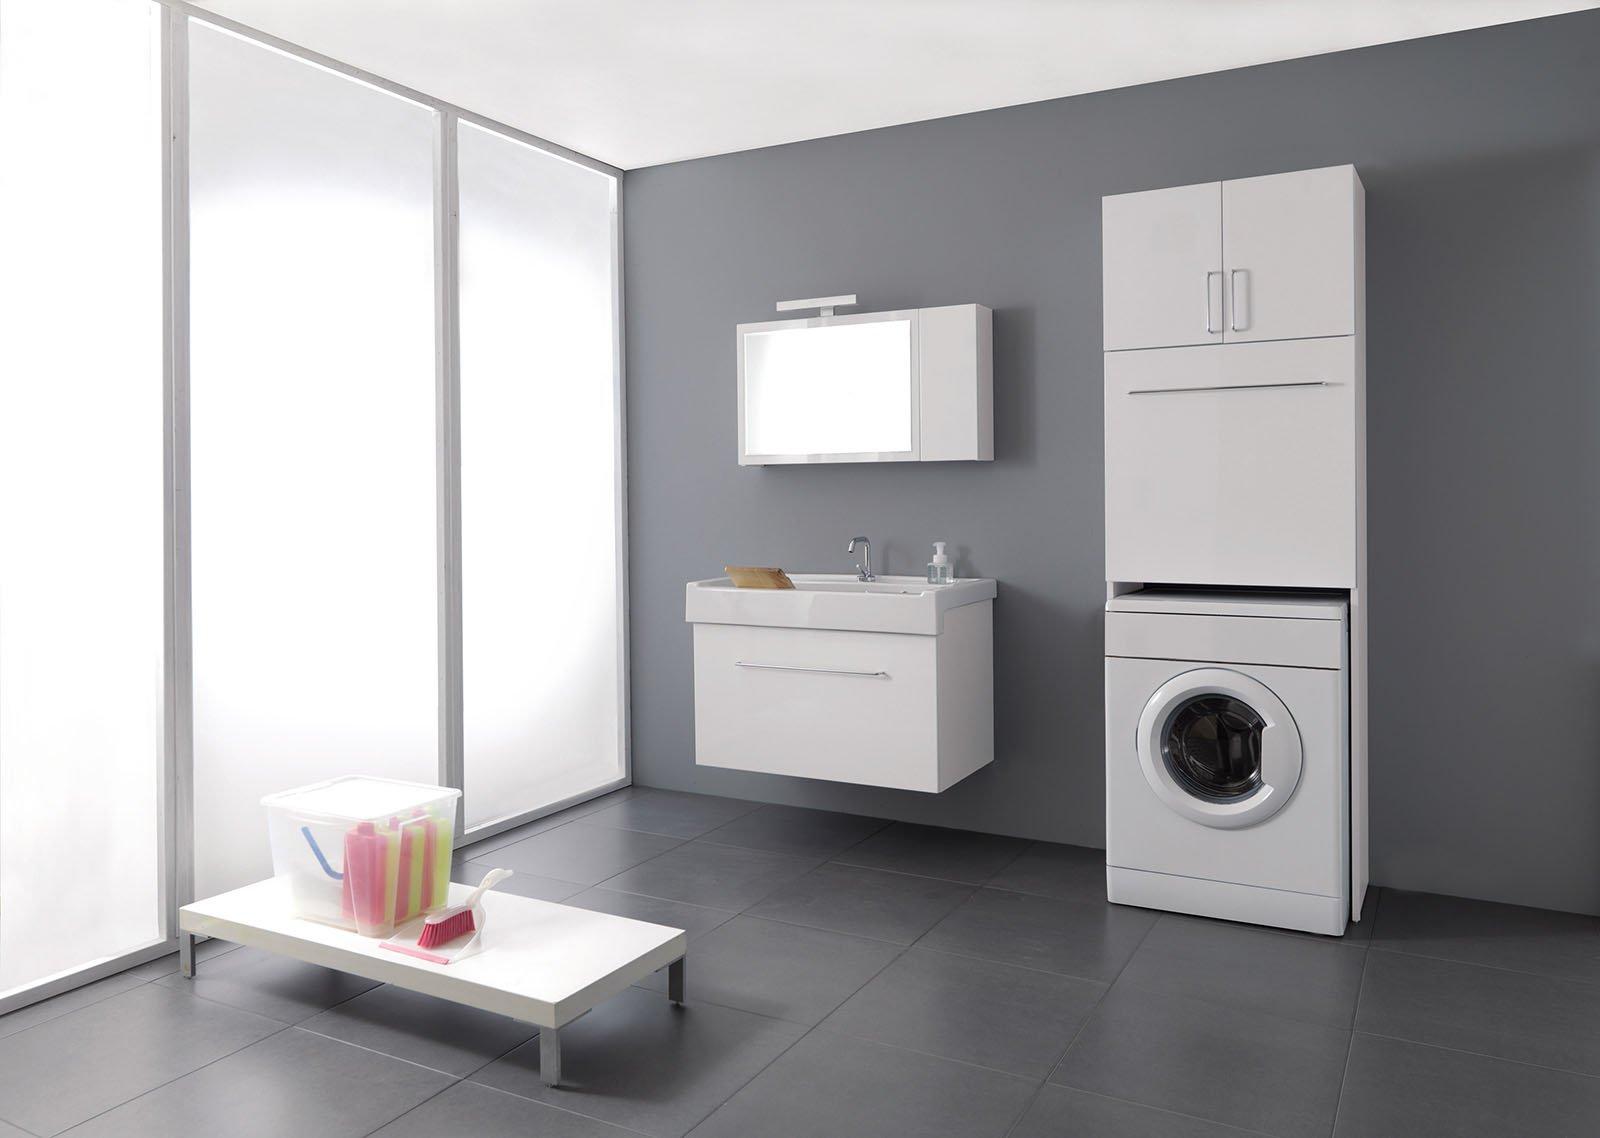 La lavanderia uno spazio per nascondere lavatrice e stendipanni cose di casa - Ikea idee bagno ...